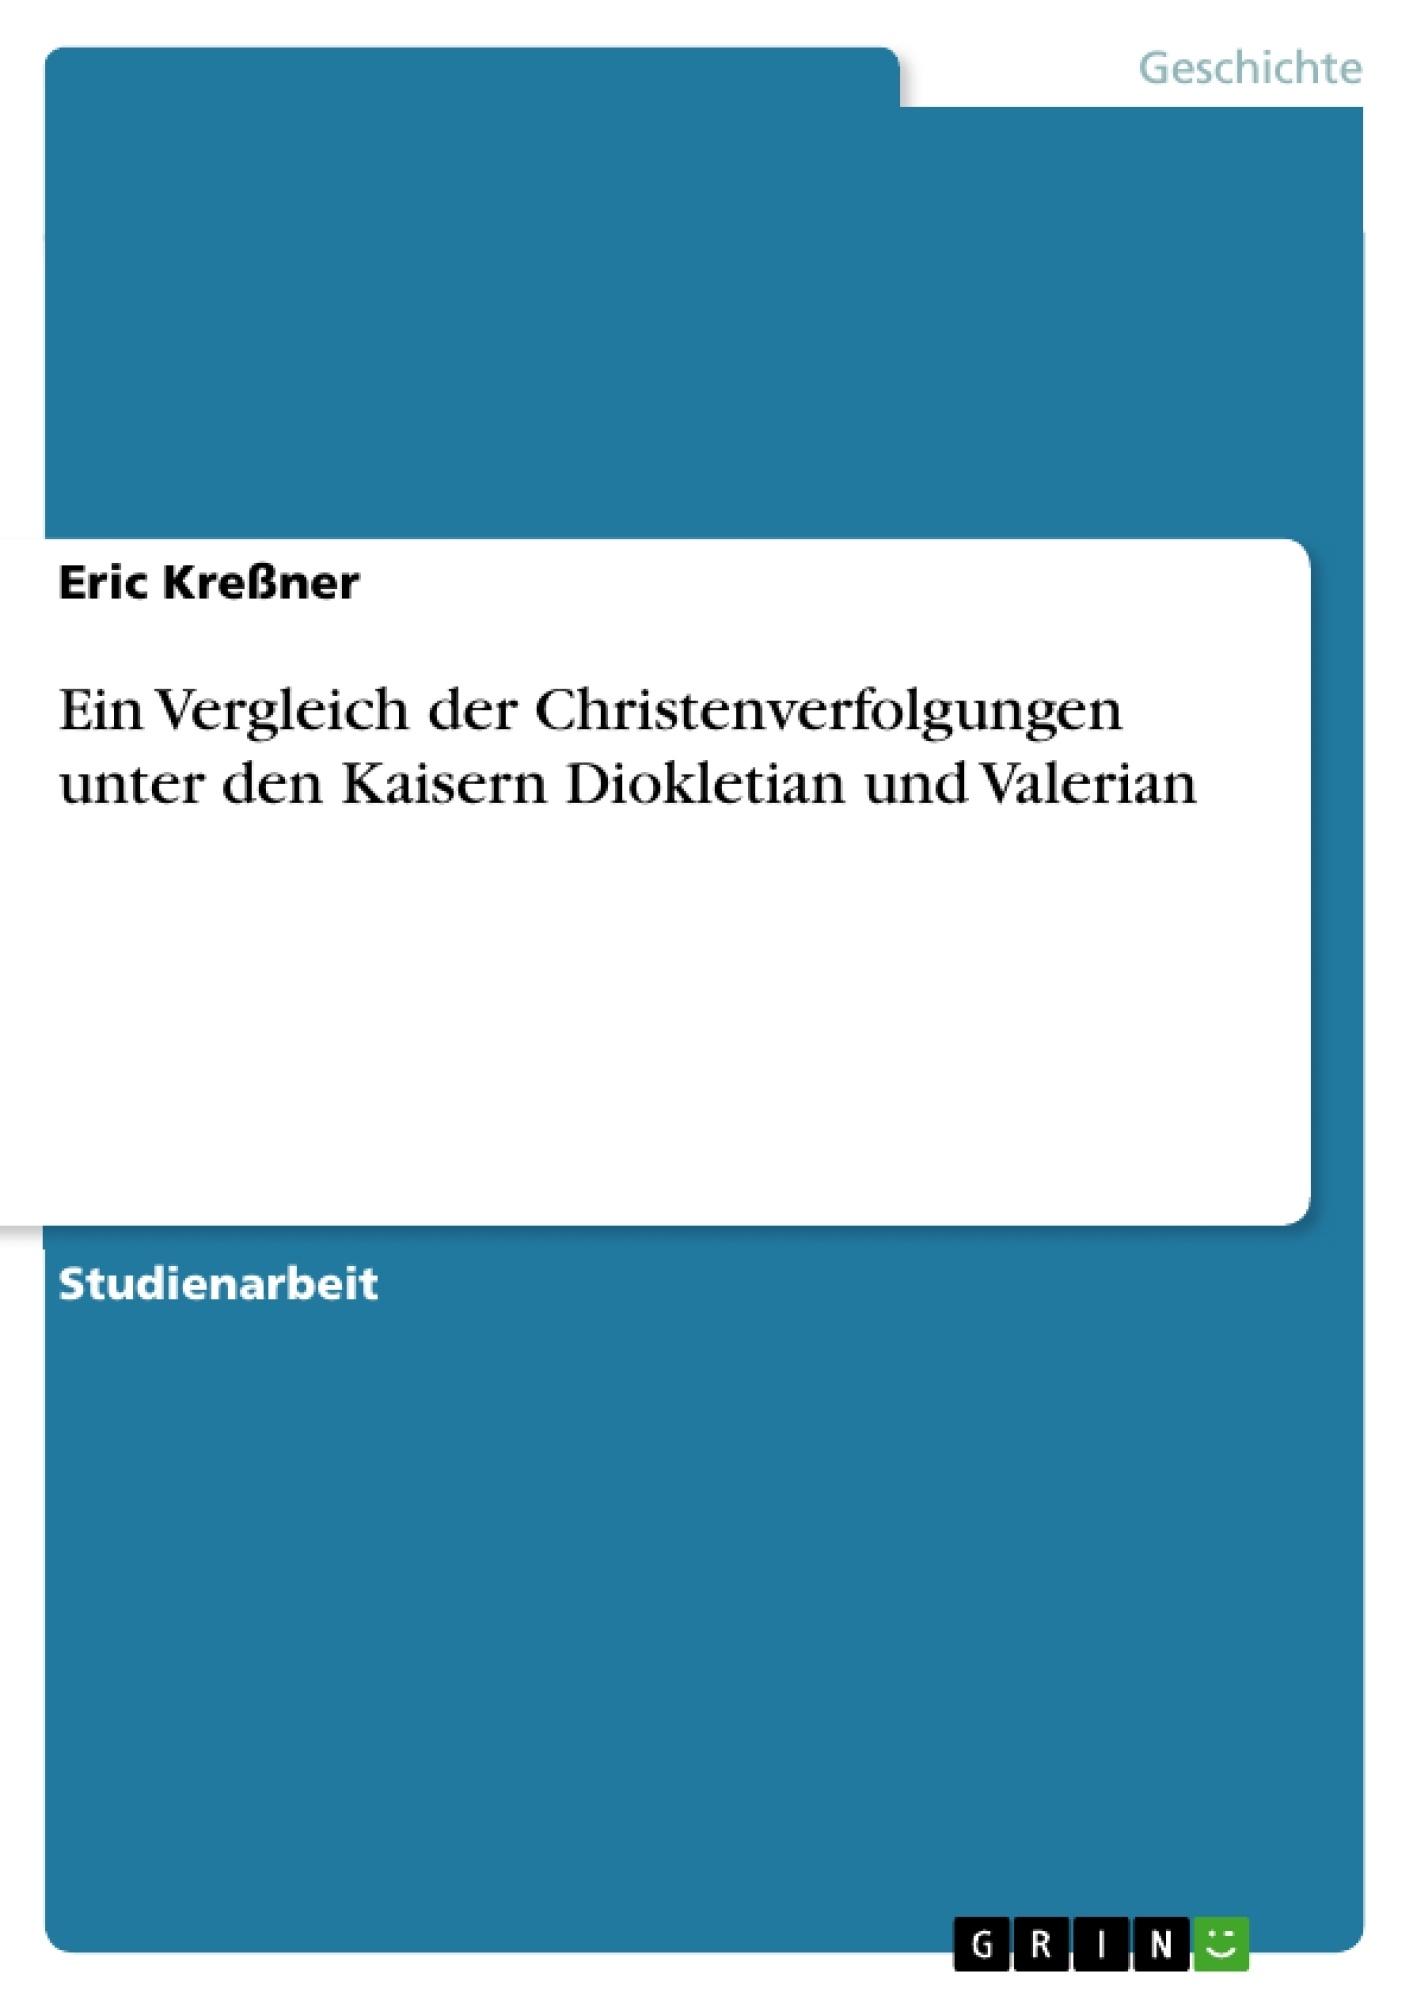 Titel: Ein Vergleich der Christenverfolgungen unter den Kaisern Diokletian und Valerian